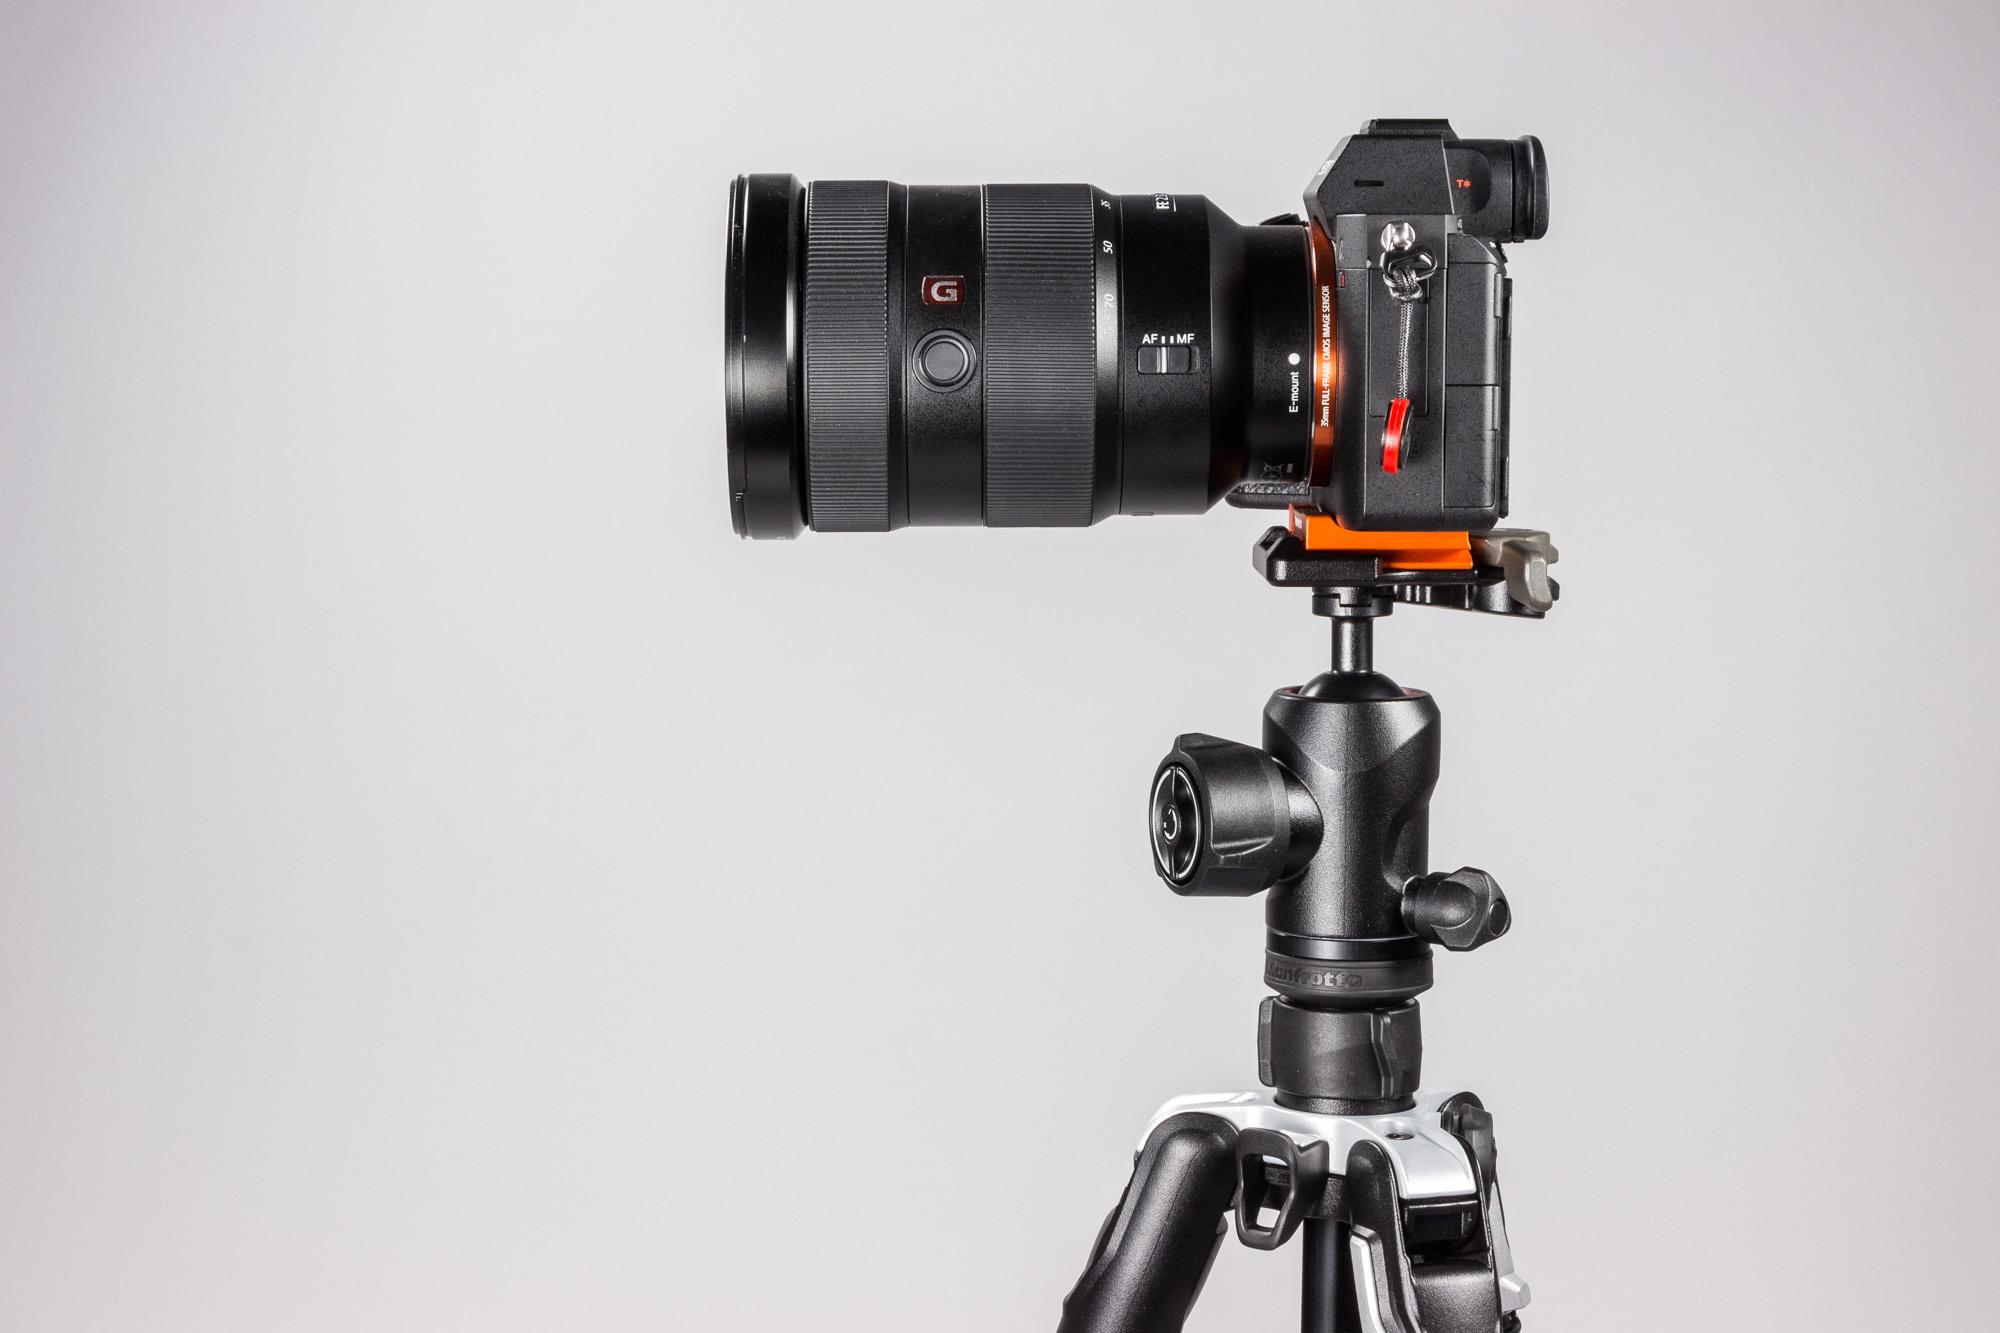 4c9911f15a0 Manfrotto Befree seeria statiivide põhiliseks ja olulisimaks  iseloomustajaks on kompaktsus. Befree nimigi tuleneb ju ettekujutusest,  nagu saaks fotograaf ...